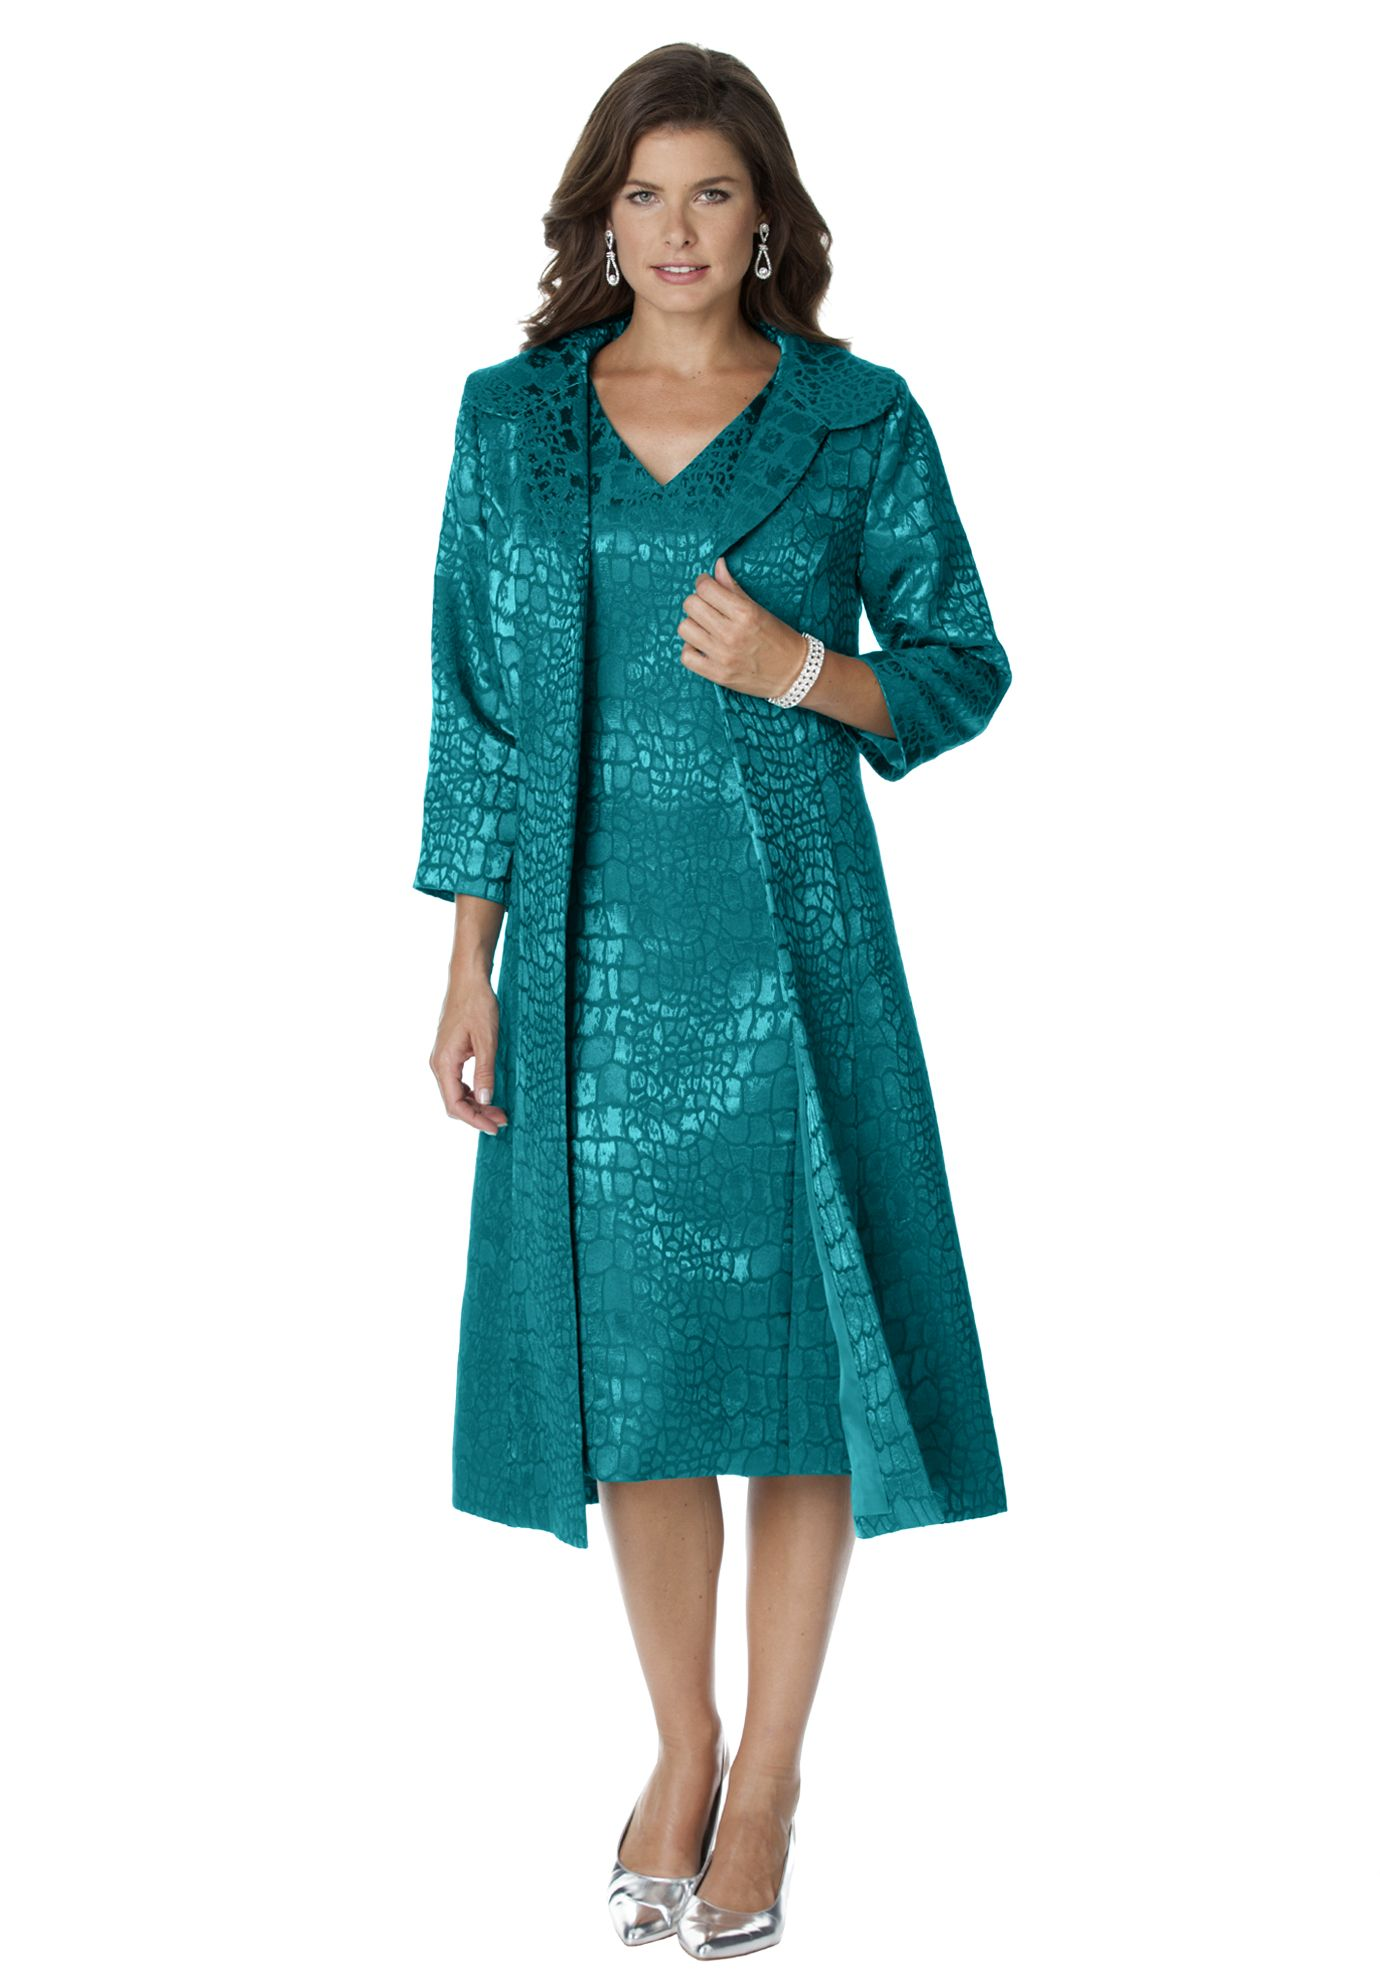 Plus Size Jacquard Jacket Dress Buy It Pinterest Confident